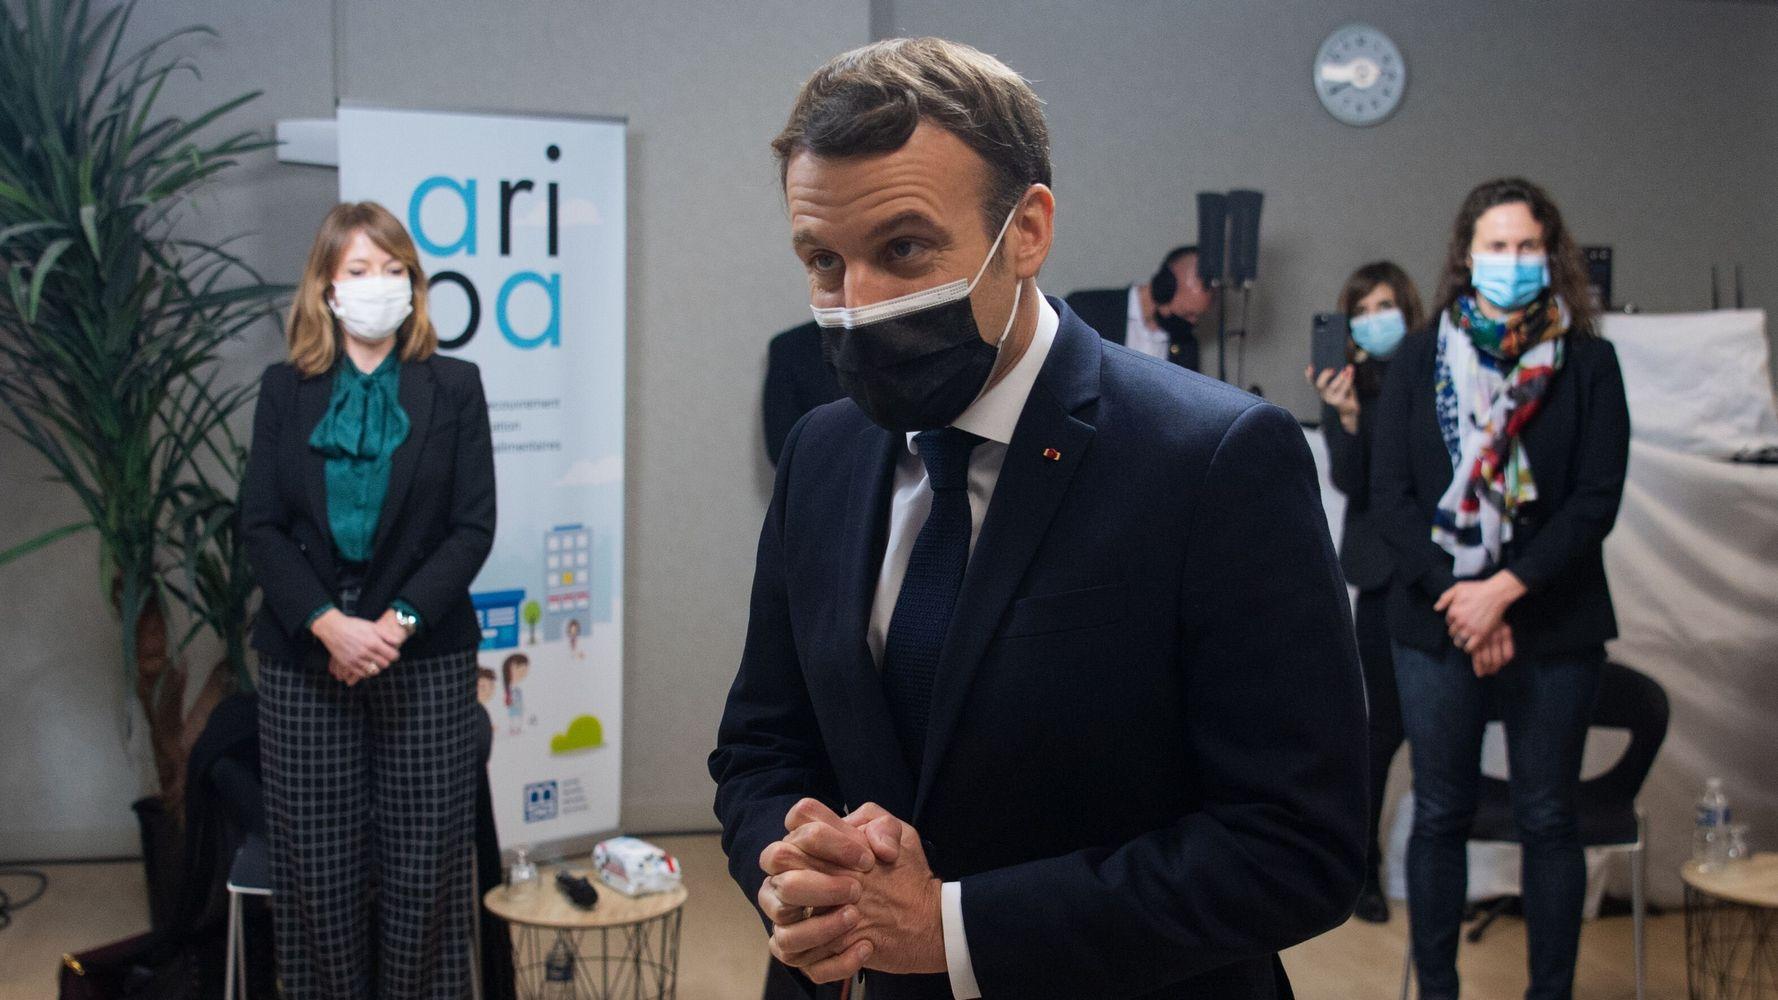 La popularité de Macron et Castex résiste à la polémique des vaccins - EXCLUSIF